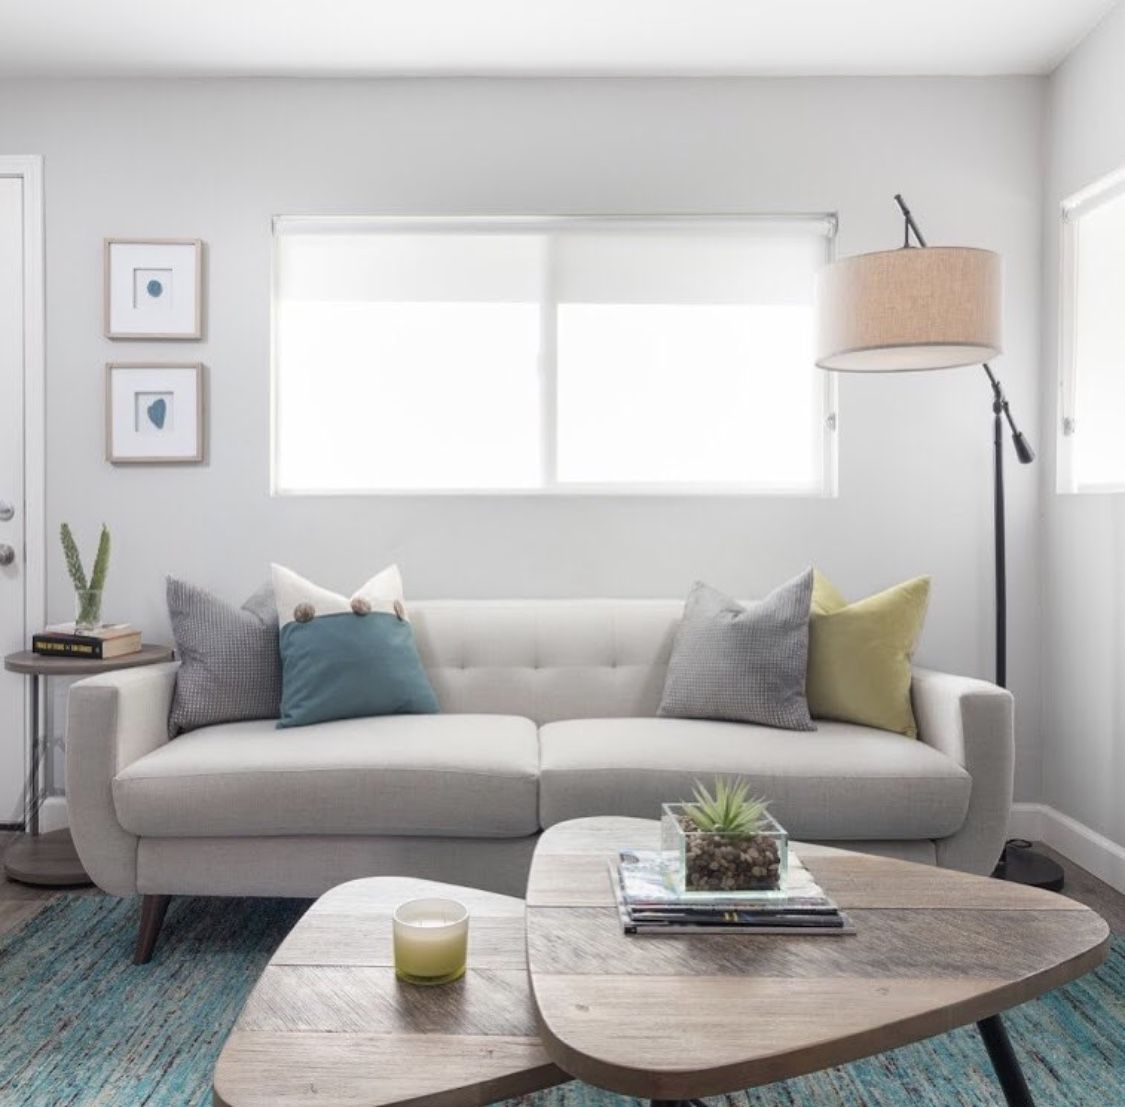 Allie Dark Grey Sofa In 2018 | Your Designs: @livingspaces Within Allie Dark Grey Sofa Chairs (Image 8 of 25)